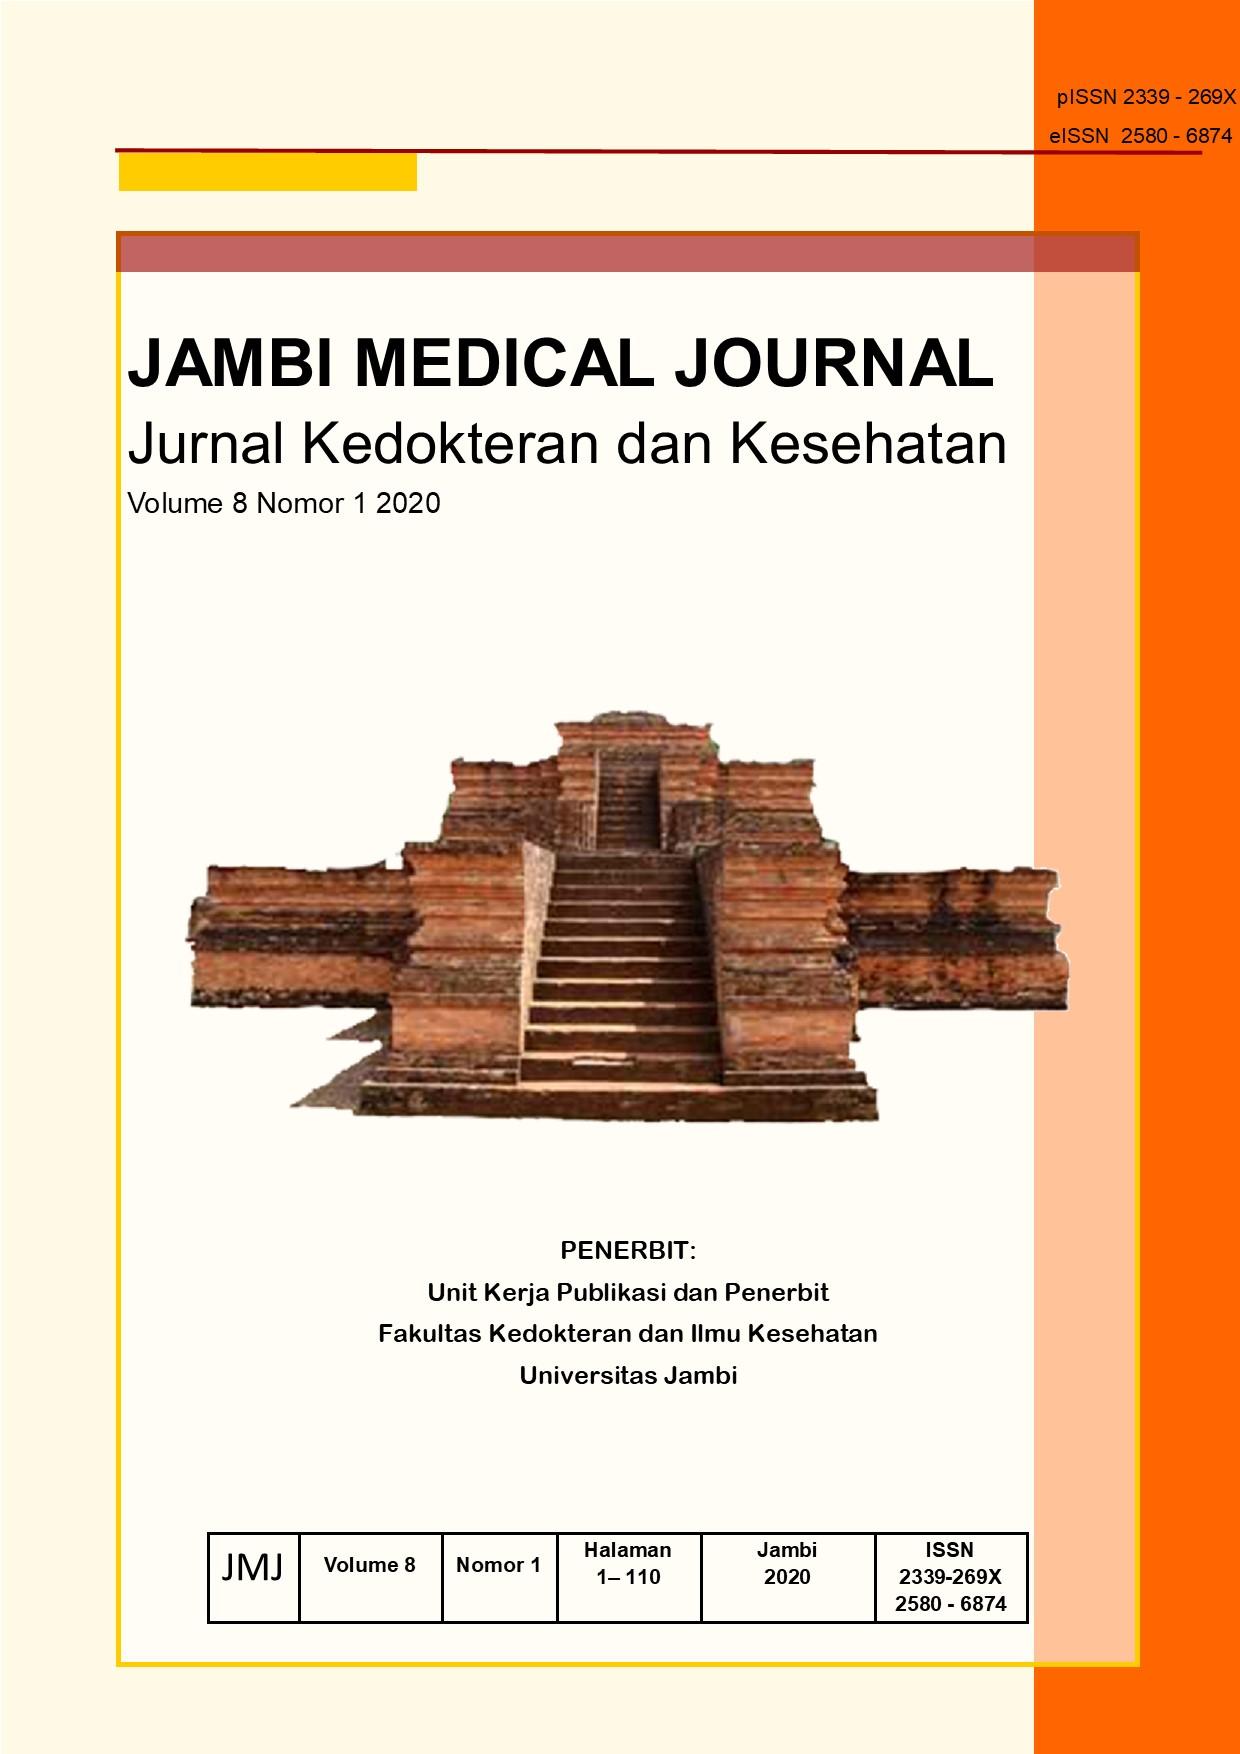 View Vol. 8 No. 1 (2020): JAMBI MEDICAL JOURNAL Jurnal Kedokteran Dan Kesehatan